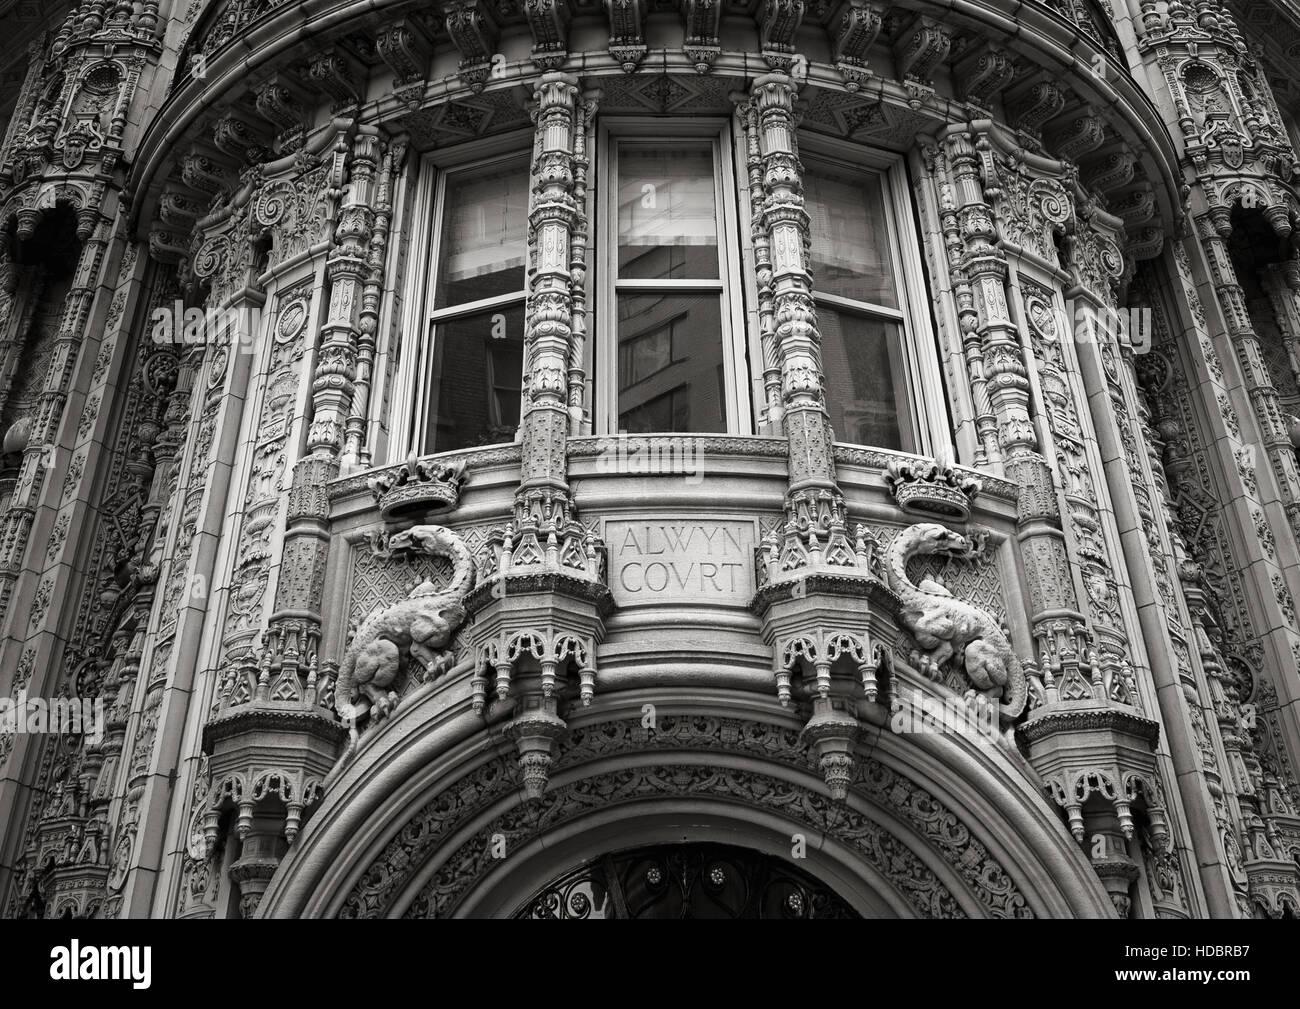 De magnifiques ornements architecturaux de la façade de l'immeuble de la Cour d'Alwyn. Noir et blanc, Photo Stock